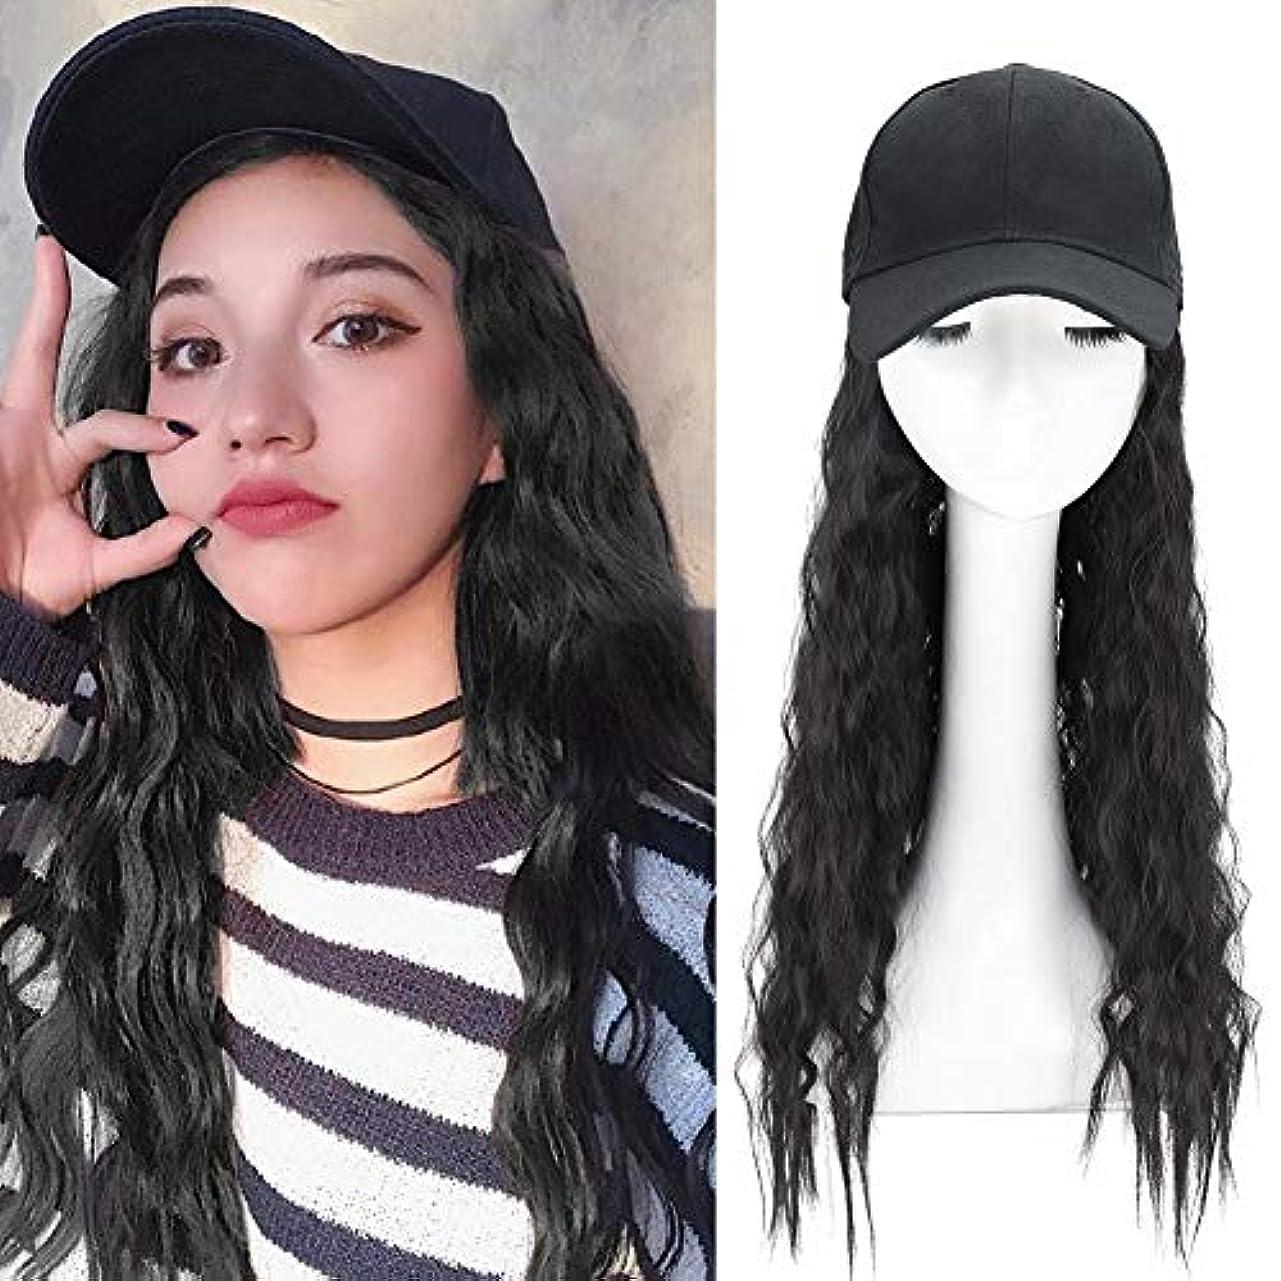 飼いならす無許可速い長い巻き毛を持つ合成長波野球帽合成毛を持つ波状かつらキャップ女の子のための髪を持つ調整可能な野球帽帽子